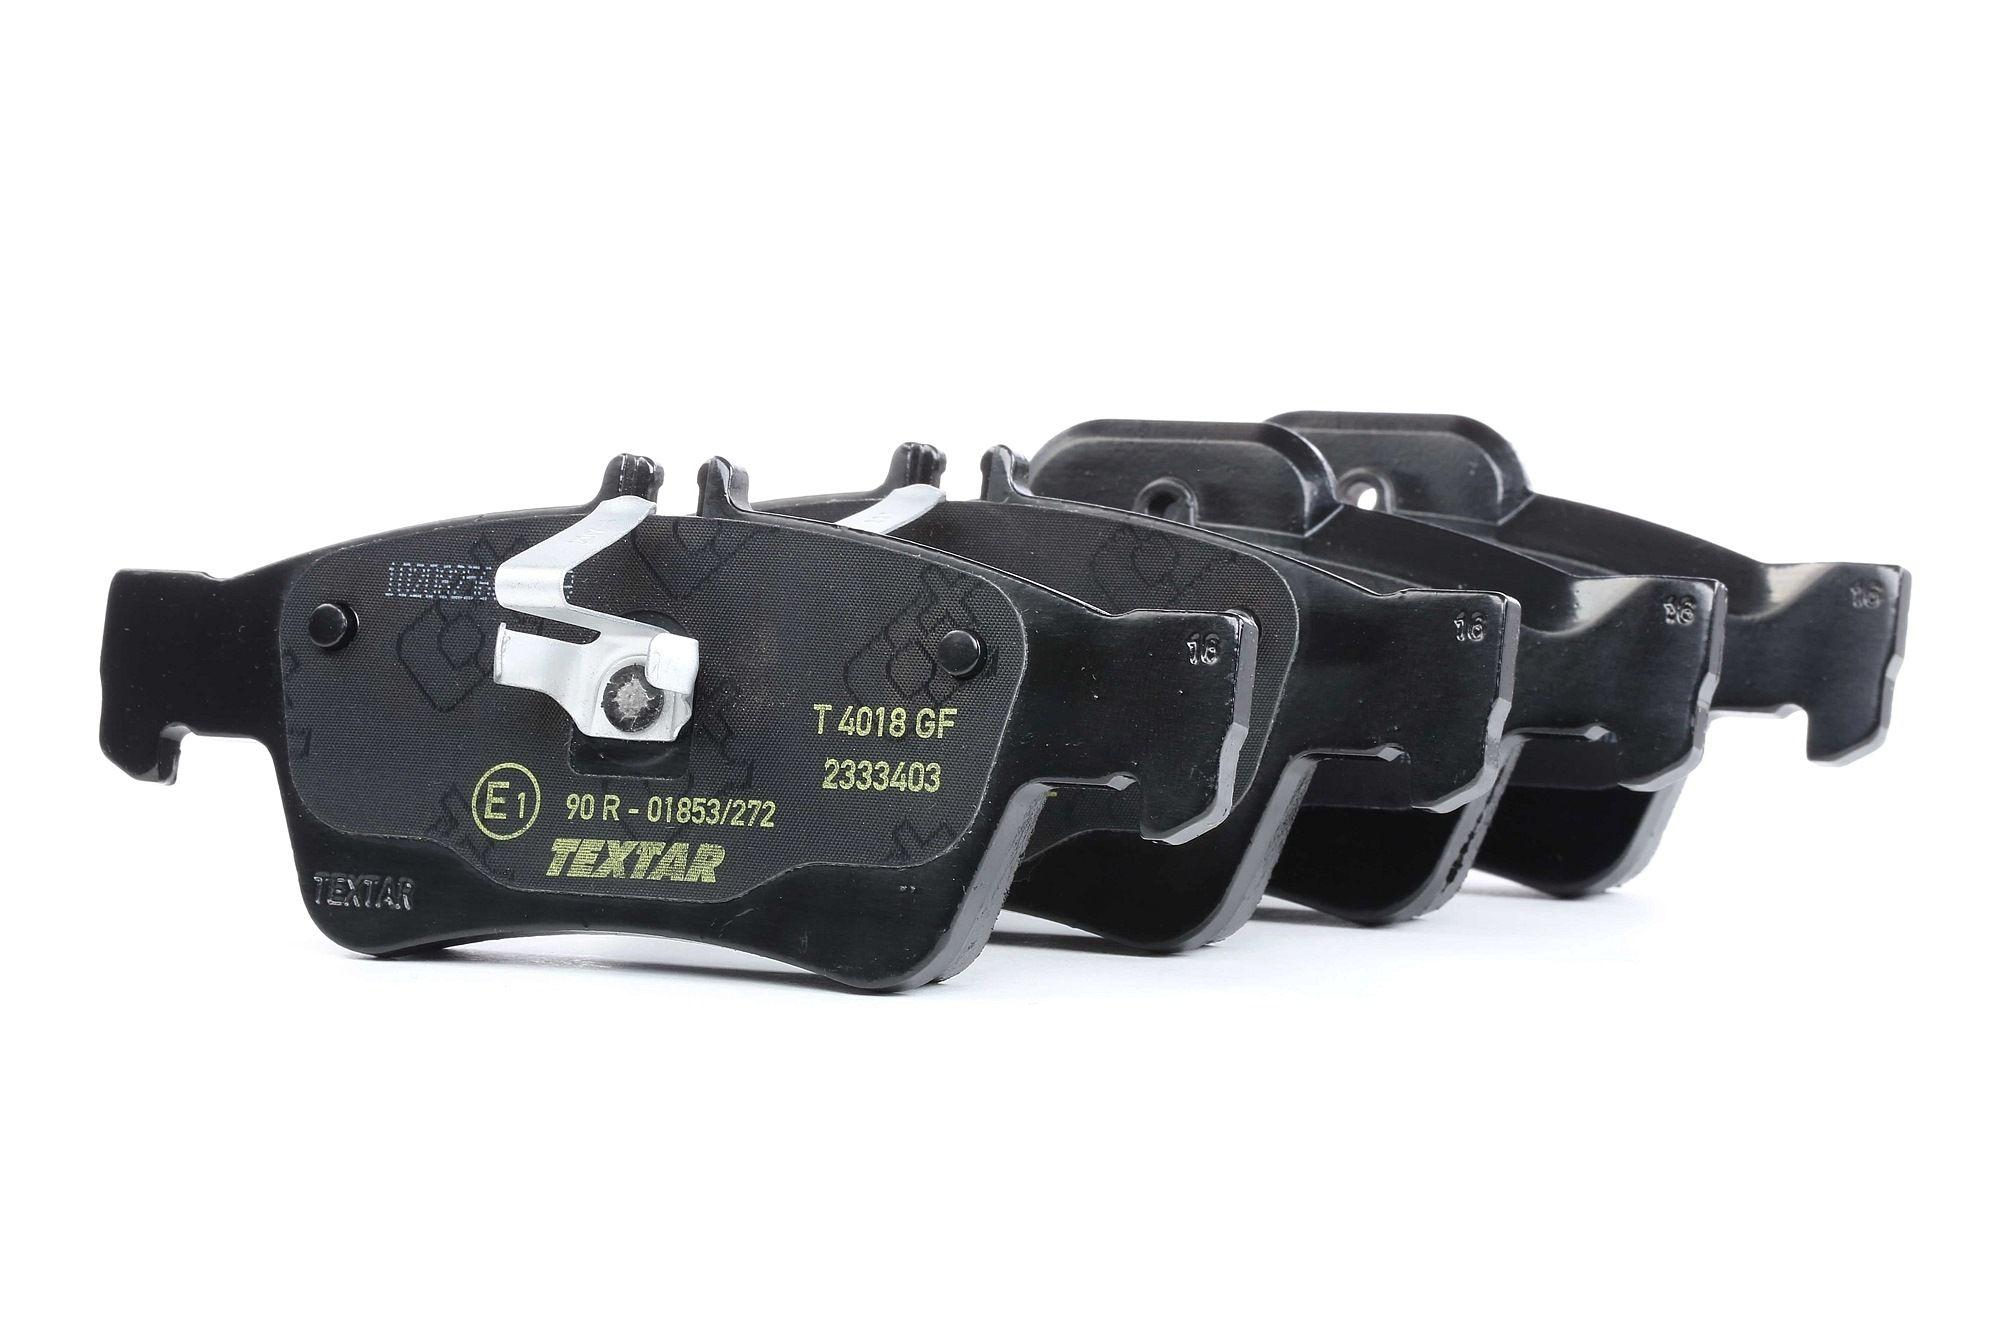 MERCEDES-BENZ CLS 2017 Tuning - Original TEXTAR 2333403 Höhe 1: 57,5mm, Höhe 2: 59,6mm, Breite 1: 140,3mm, Breite 2: 141,5mm, Dicke/Stärke: 16,8mm